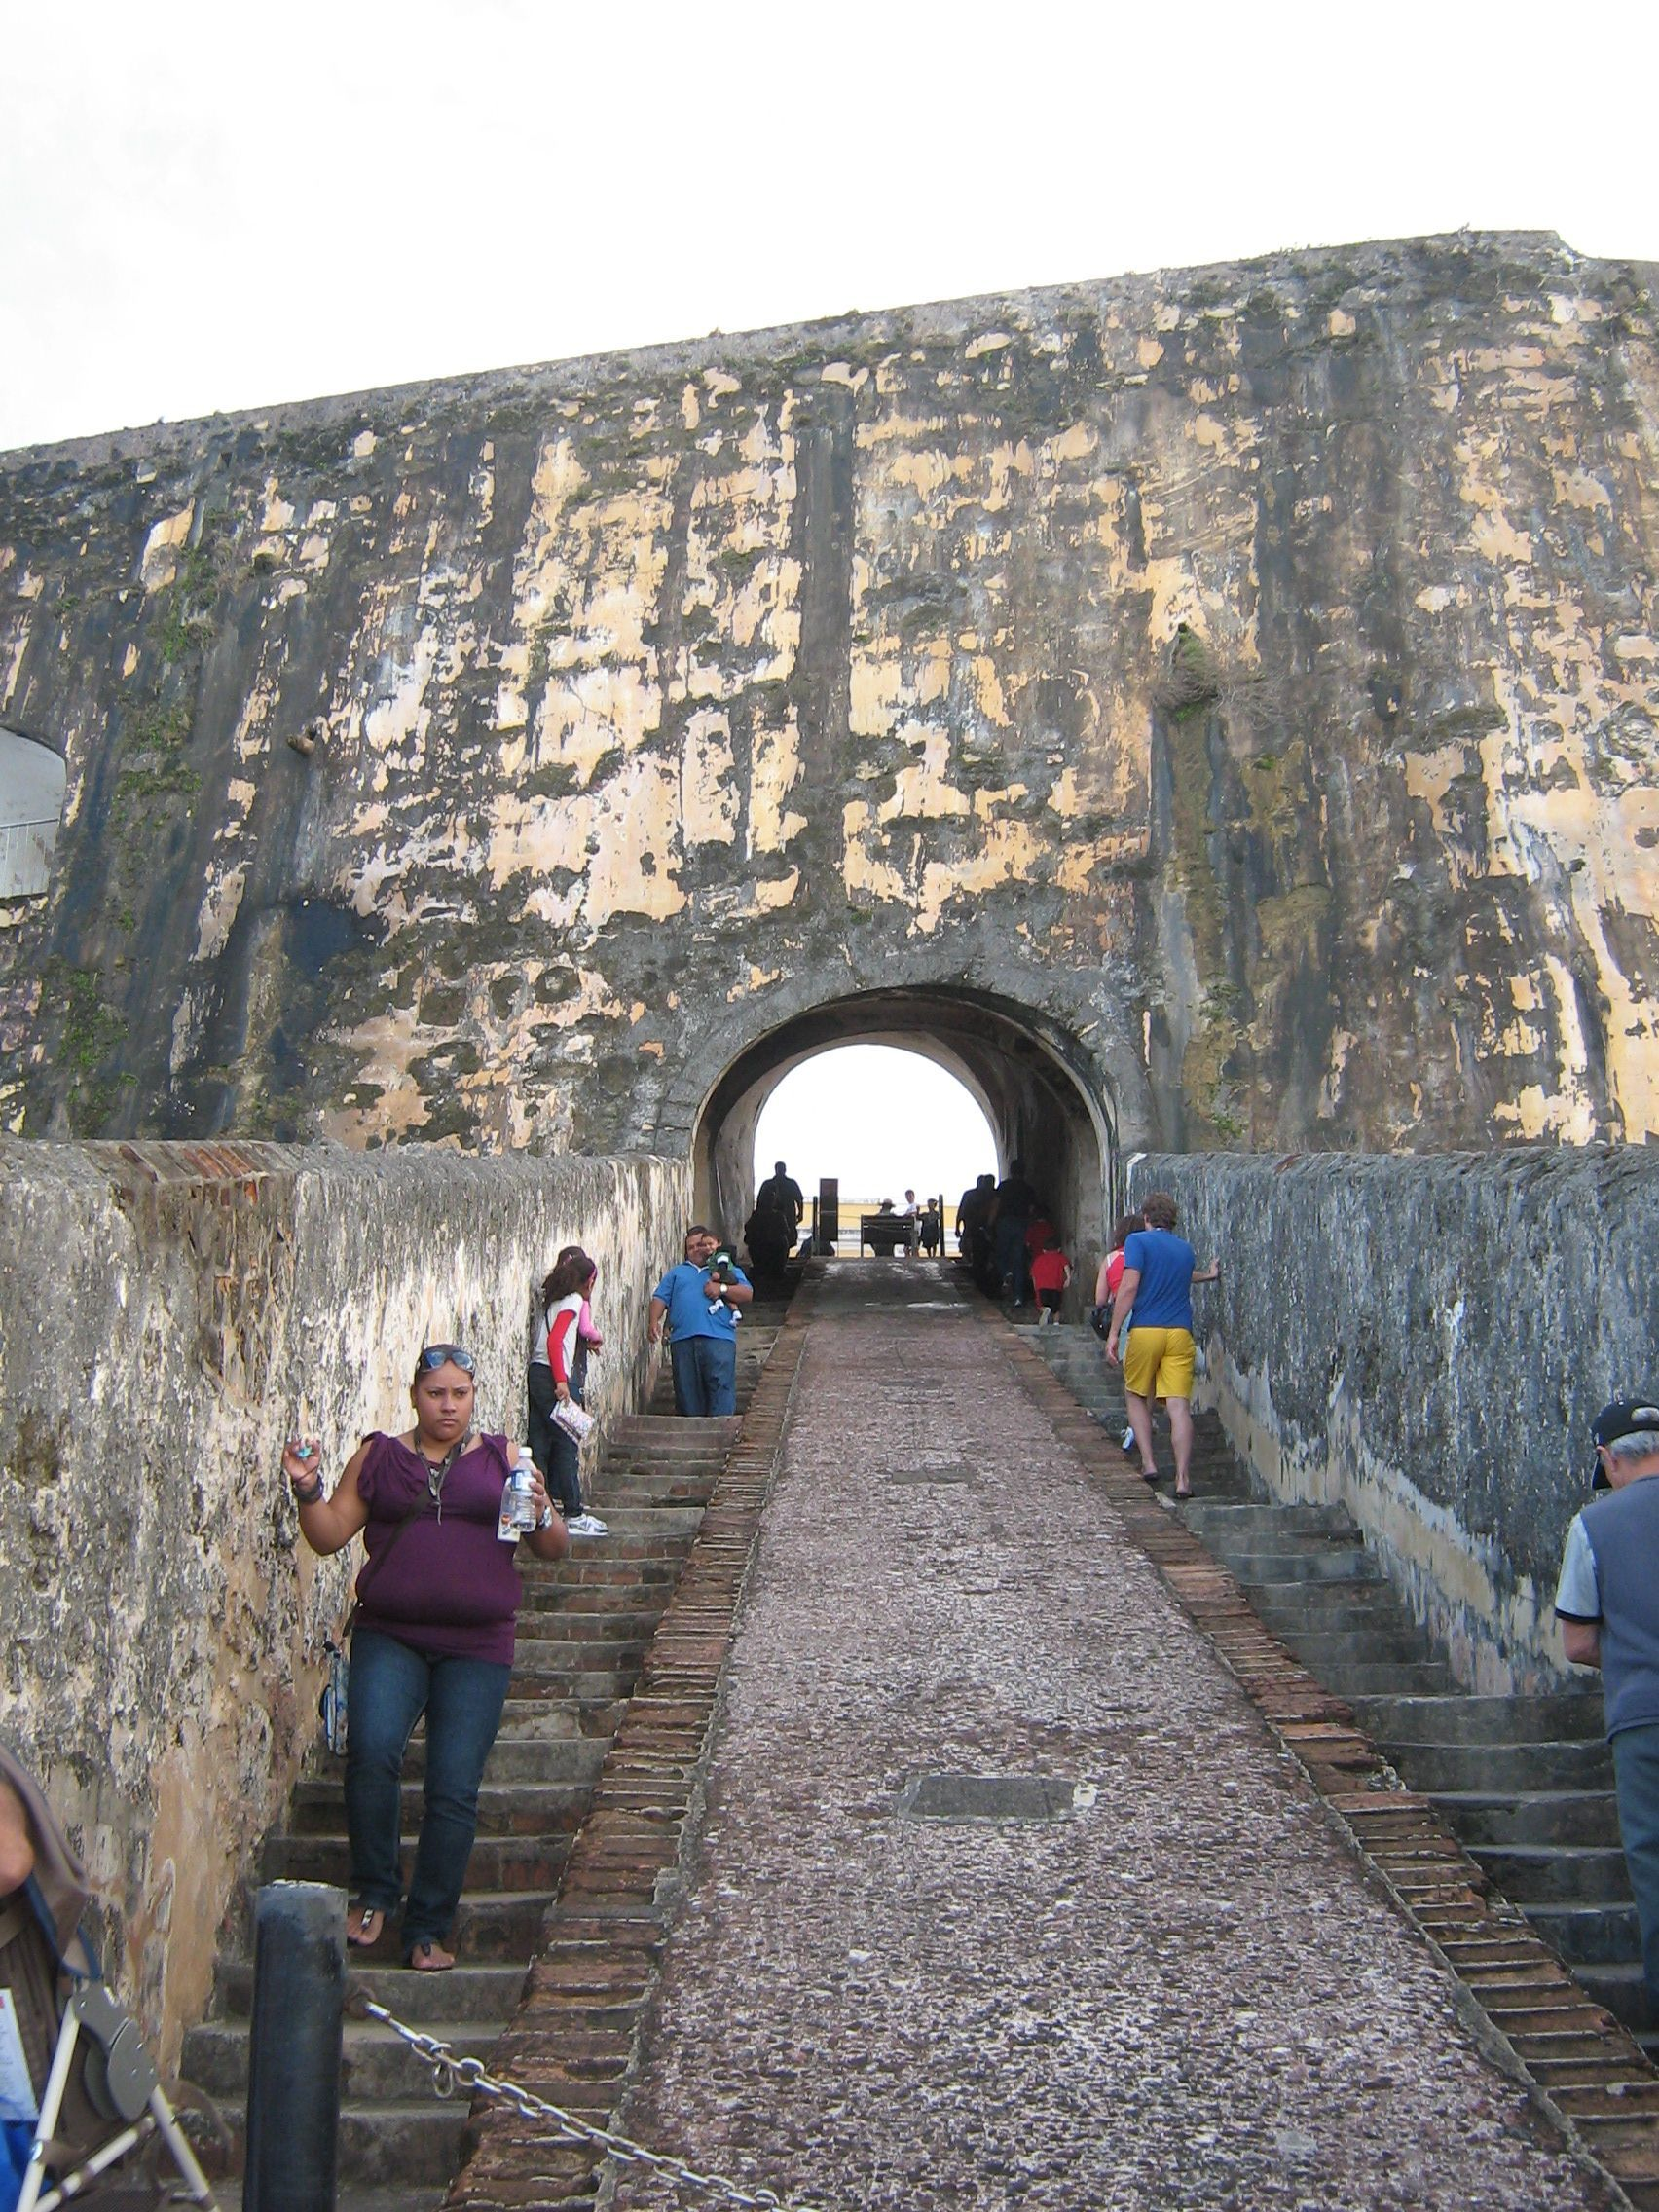 Ramp To Lower Level Full El Morro San Juan Puerto Rico